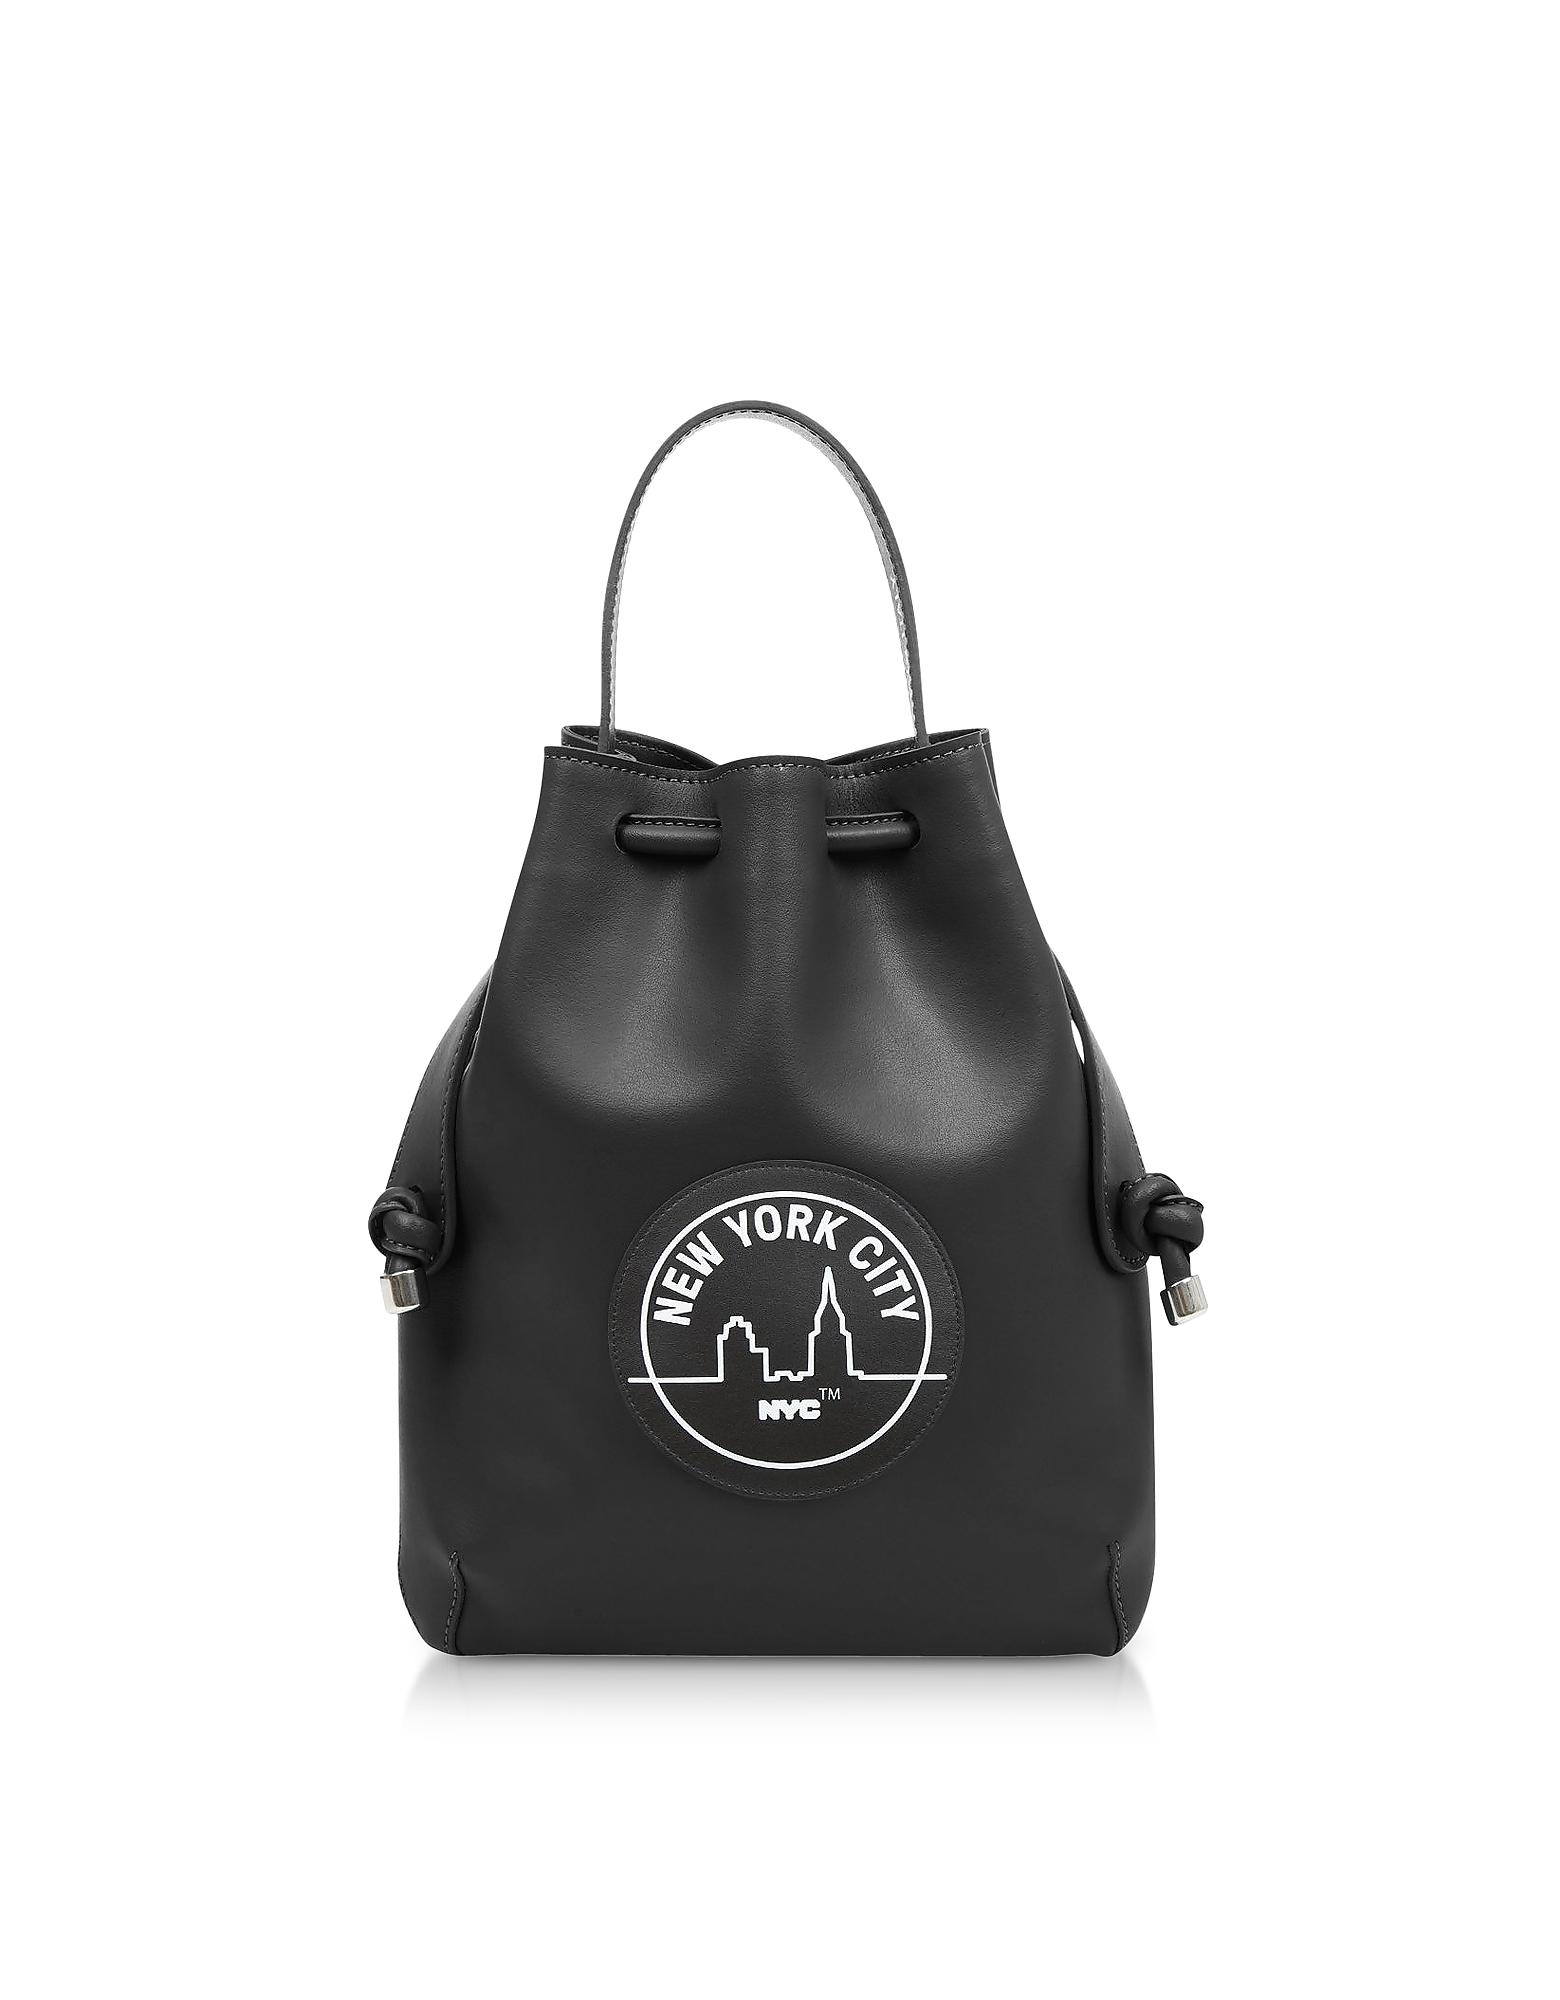 MELI MELO Black Nyc Briony Mini Backpack